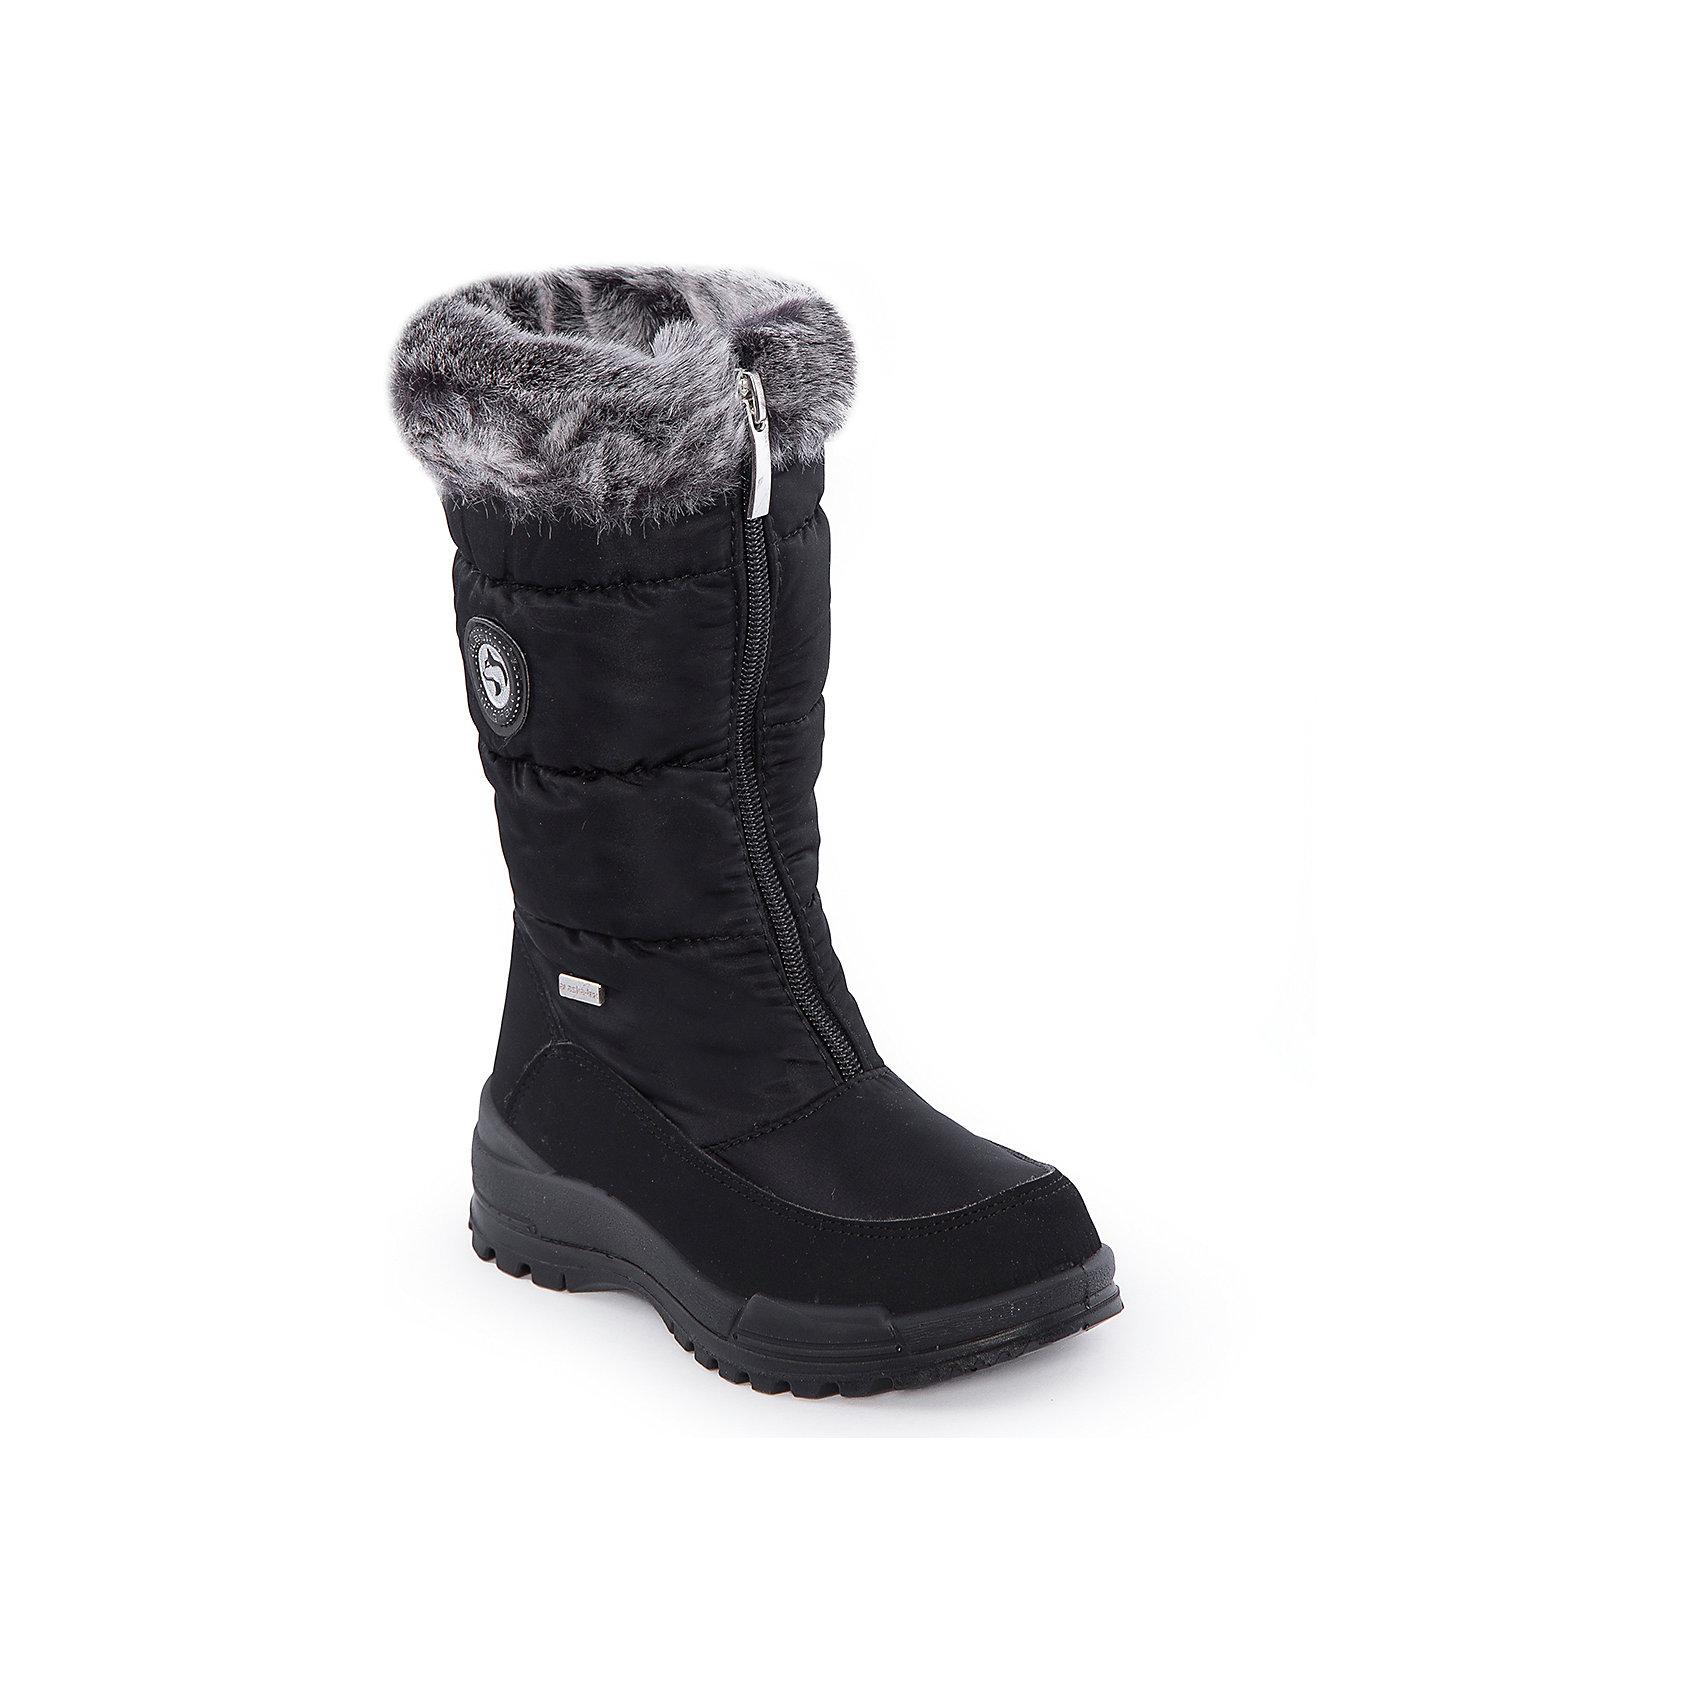 Сапоги для девочки Alaska OriginaleСапоги<br>Сапоги для девочки от известного бренда Alaska Originale <br> <br>Модные и удобные сапоги, произведенные с применением новейших технологий. Они всегда сохранят ноги в тепле и сухости. Подошва сделана по системе «ANTISLIDE», которая не скользит, не пропускает воду. Мембранный материал сапог позволяет стопе дышать, отводя лишнюю влагу. <br> <br>Особенности модели: <br> <br>- цвет: черный; <br>- стильный дизайн; <br>- удобная колодка; <br>- без каблука; <br>- защита пальцев и пятки; <br>- декорированы нашивкой и опушкой; <br>- устойчивая нескользящая подошва; <br>- застежка: молния. <br> <br>Дополнительная информация: <br> <br>Состав: <br> <br>верх – текстиль; <br>стелька - искусственный мех; <br>подошва - термопластик. <br> <br>Температурный режим: <br>от -25°С до -5°С <br> <br>Ботинки для девочки Alaska Originale (Аляска оринджинал) можно купить в нашем магазине.<br><br>Ширина мм: 257<br>Глубина мм: 180<br>Высота мм: 130<br>Вес г: 420<br>Цвет: черный<br>Возраст от месяцев: 48<br>Возраст до месяцев: 60<br>Пол: Женский<br>Возраст: Детский<br>Размер: 28,33,32,31,30,29<br>SKU: 4399160